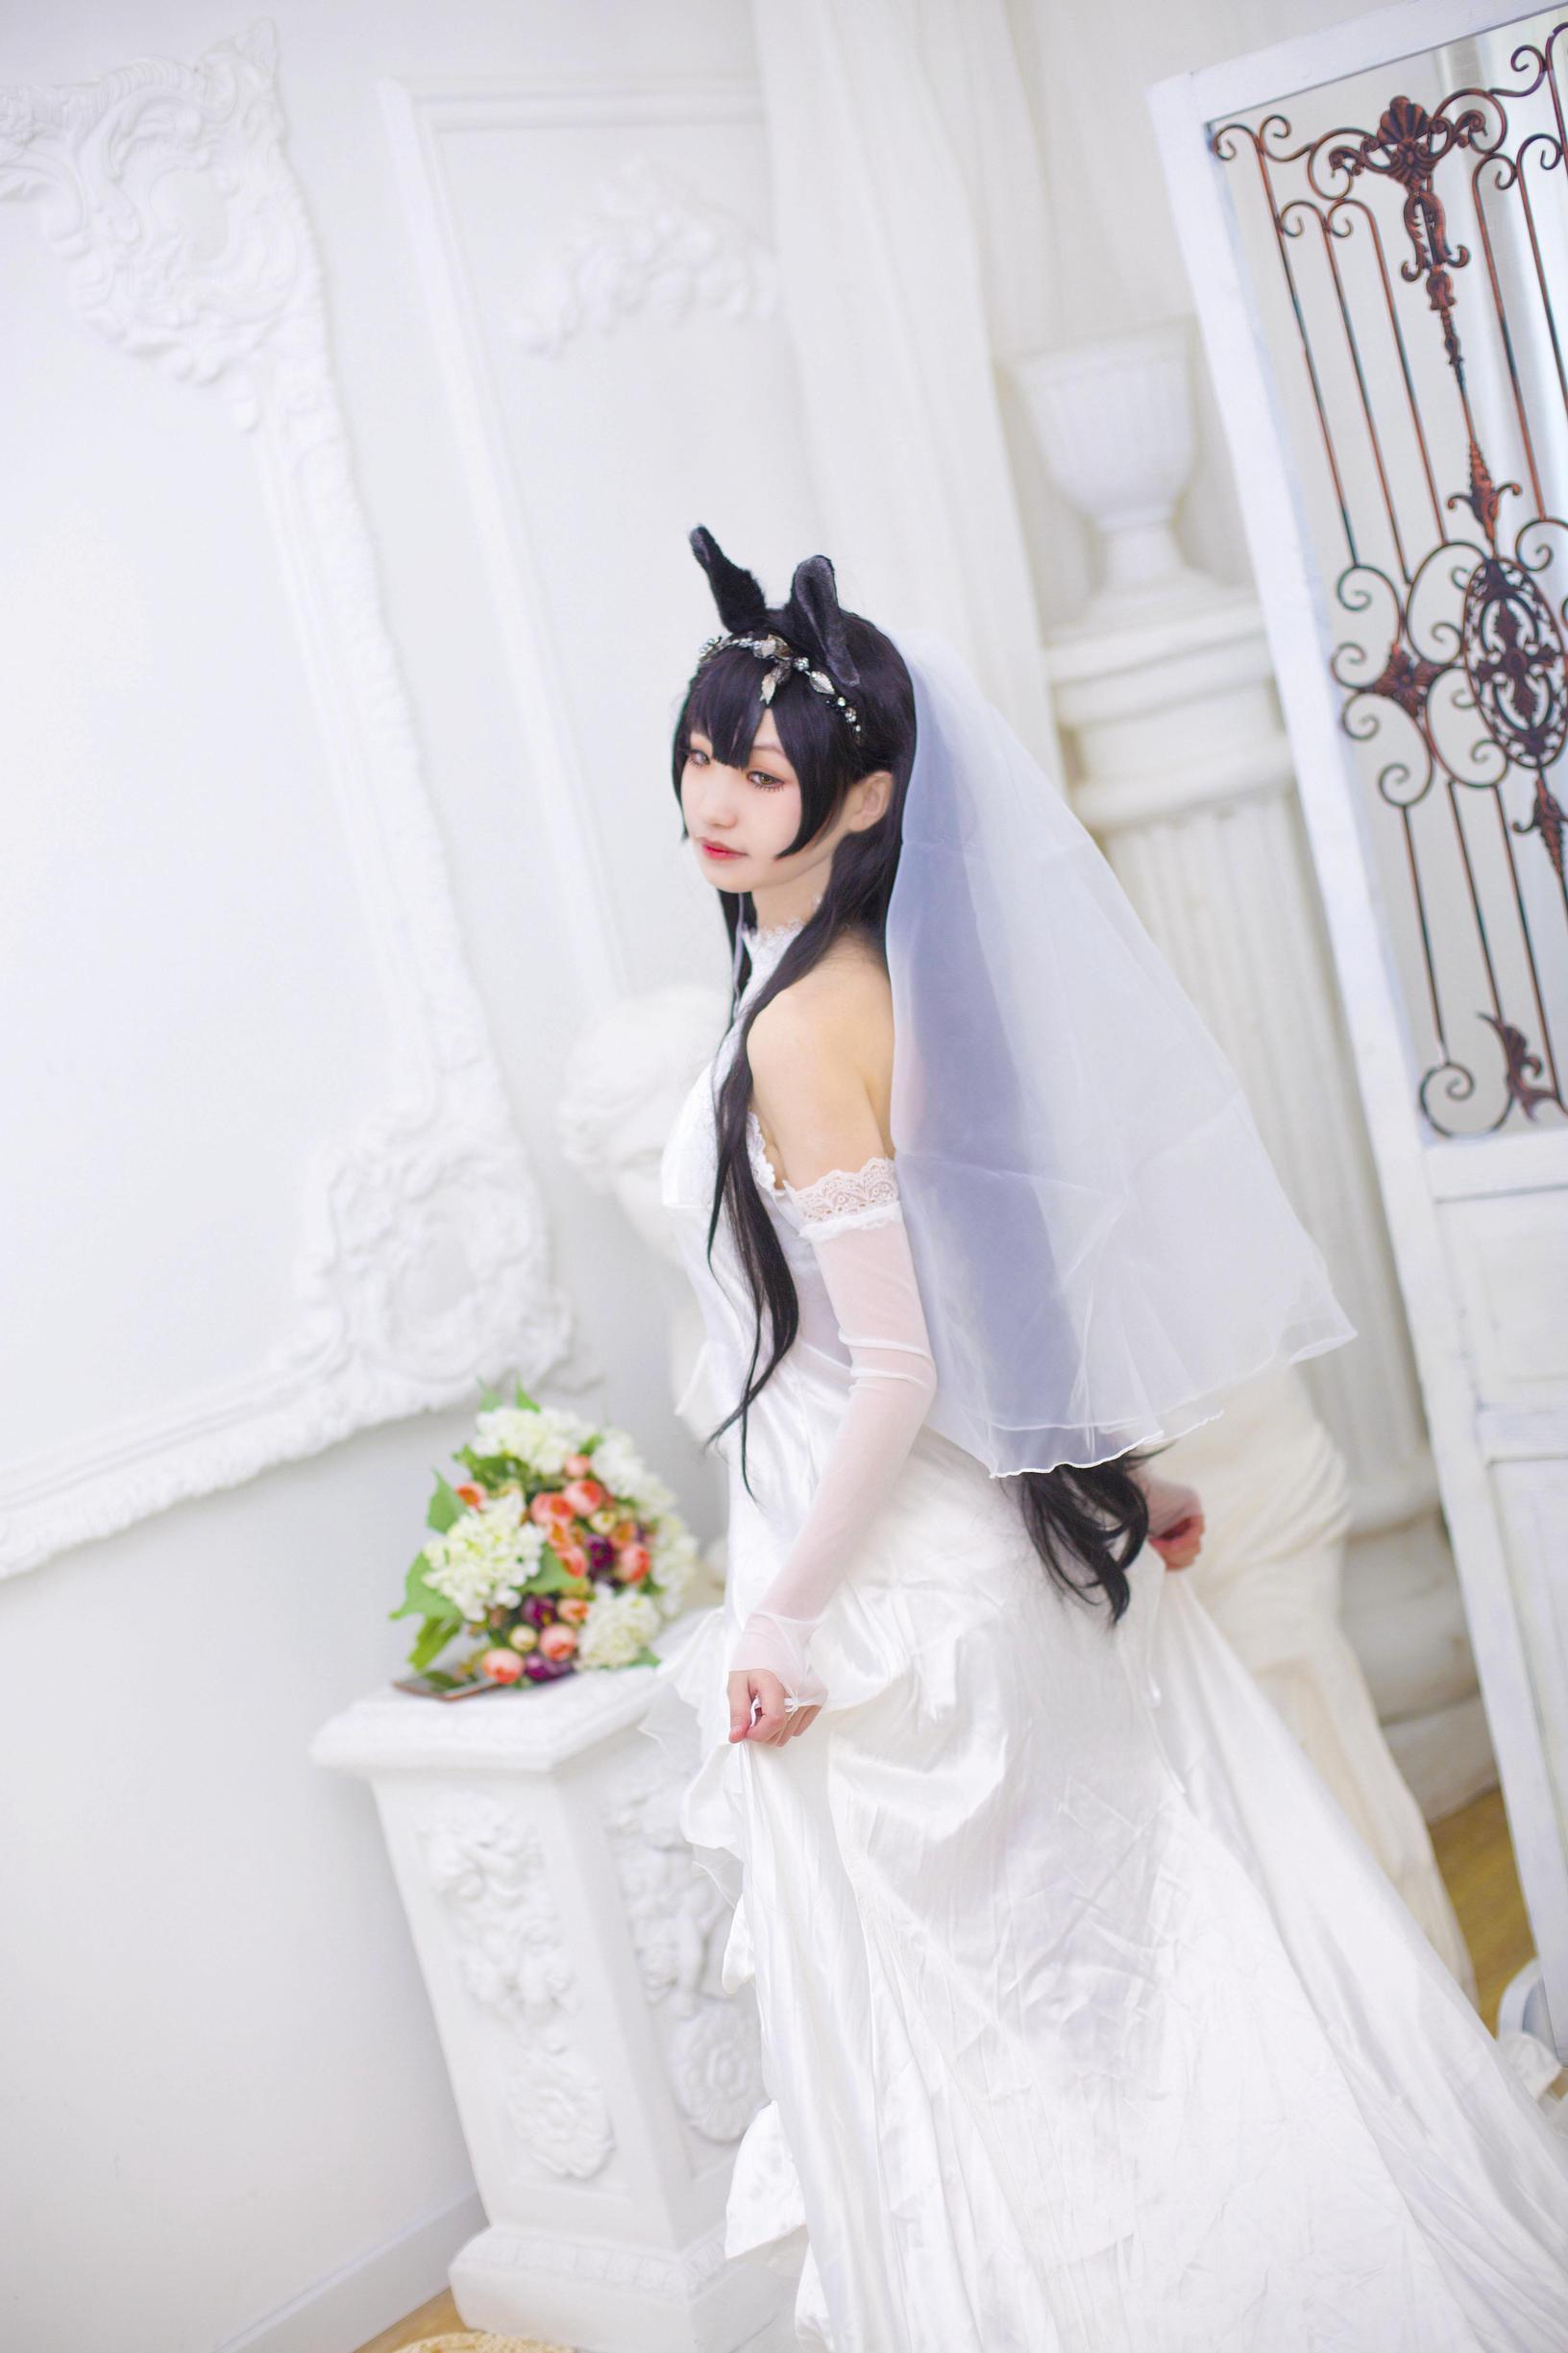 《碧蓝航线》正片cosplay【CN:宇宙不明蓝樱音w】-第6张